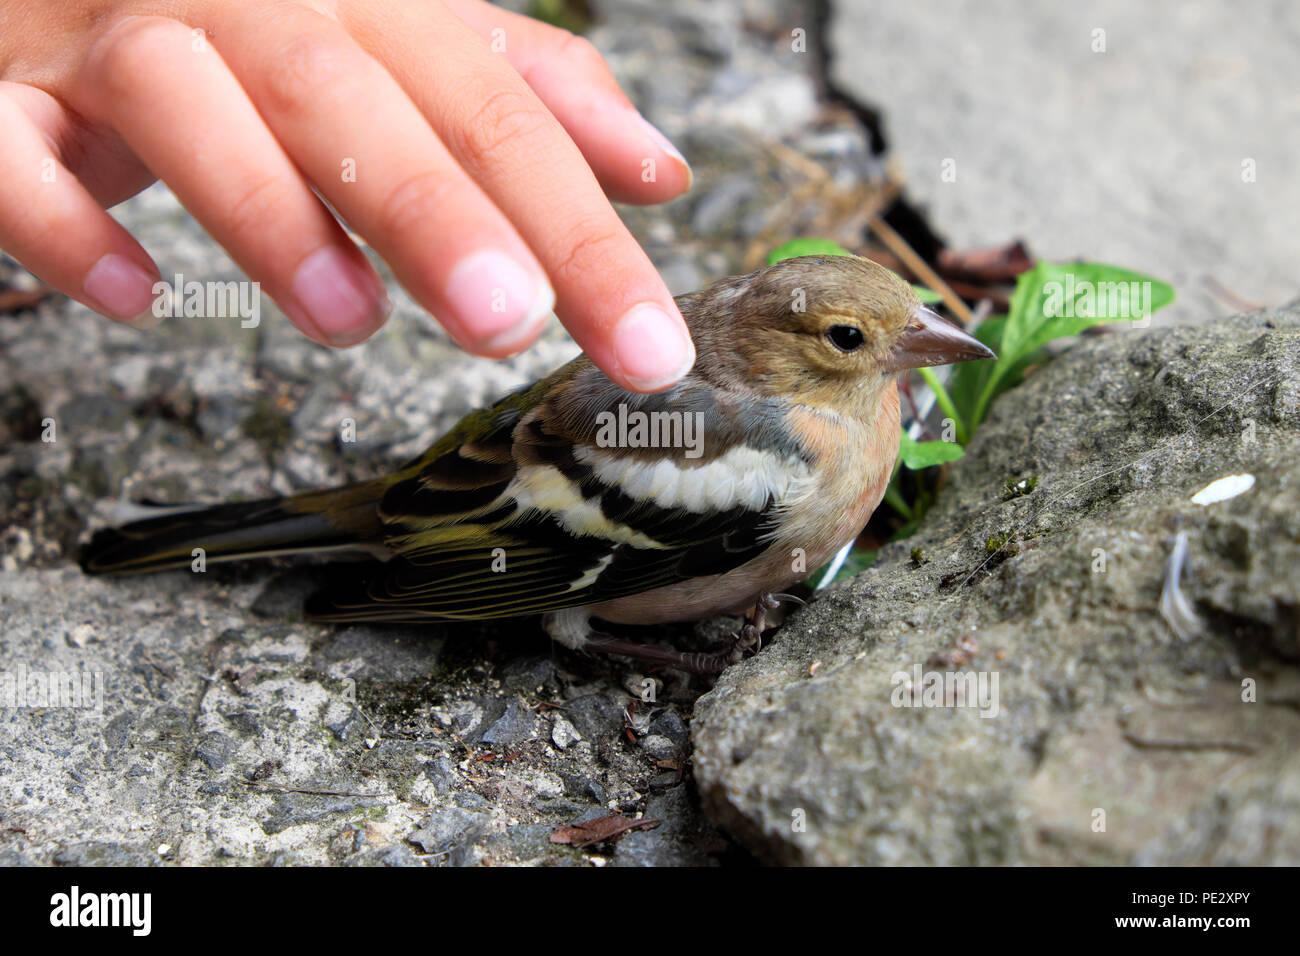 Niño mostrar compasión acariciando un pinzón bird sentado aturdido en el suelo tras chocar contra una ventana Carmarthenshire Gales UK KATHY DEWITT Imagen De Stock